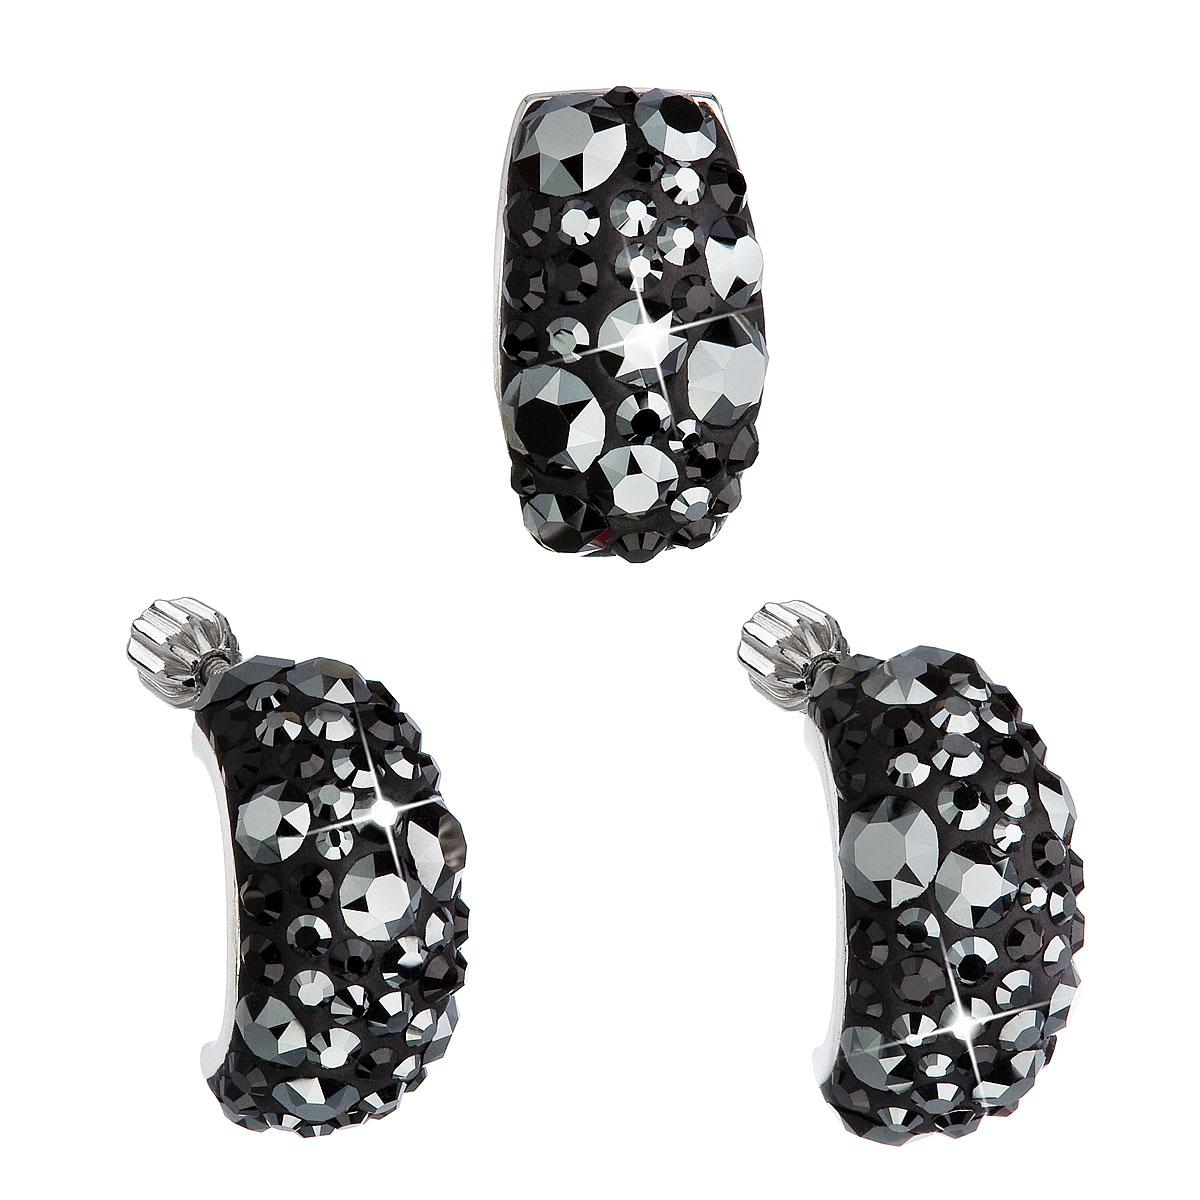 EVOLUTION GROUP Sada šperkov s krištáľmi Swarovski náušnice a prívesok  čierny obdĺžnik 39116.5 784c65a9561